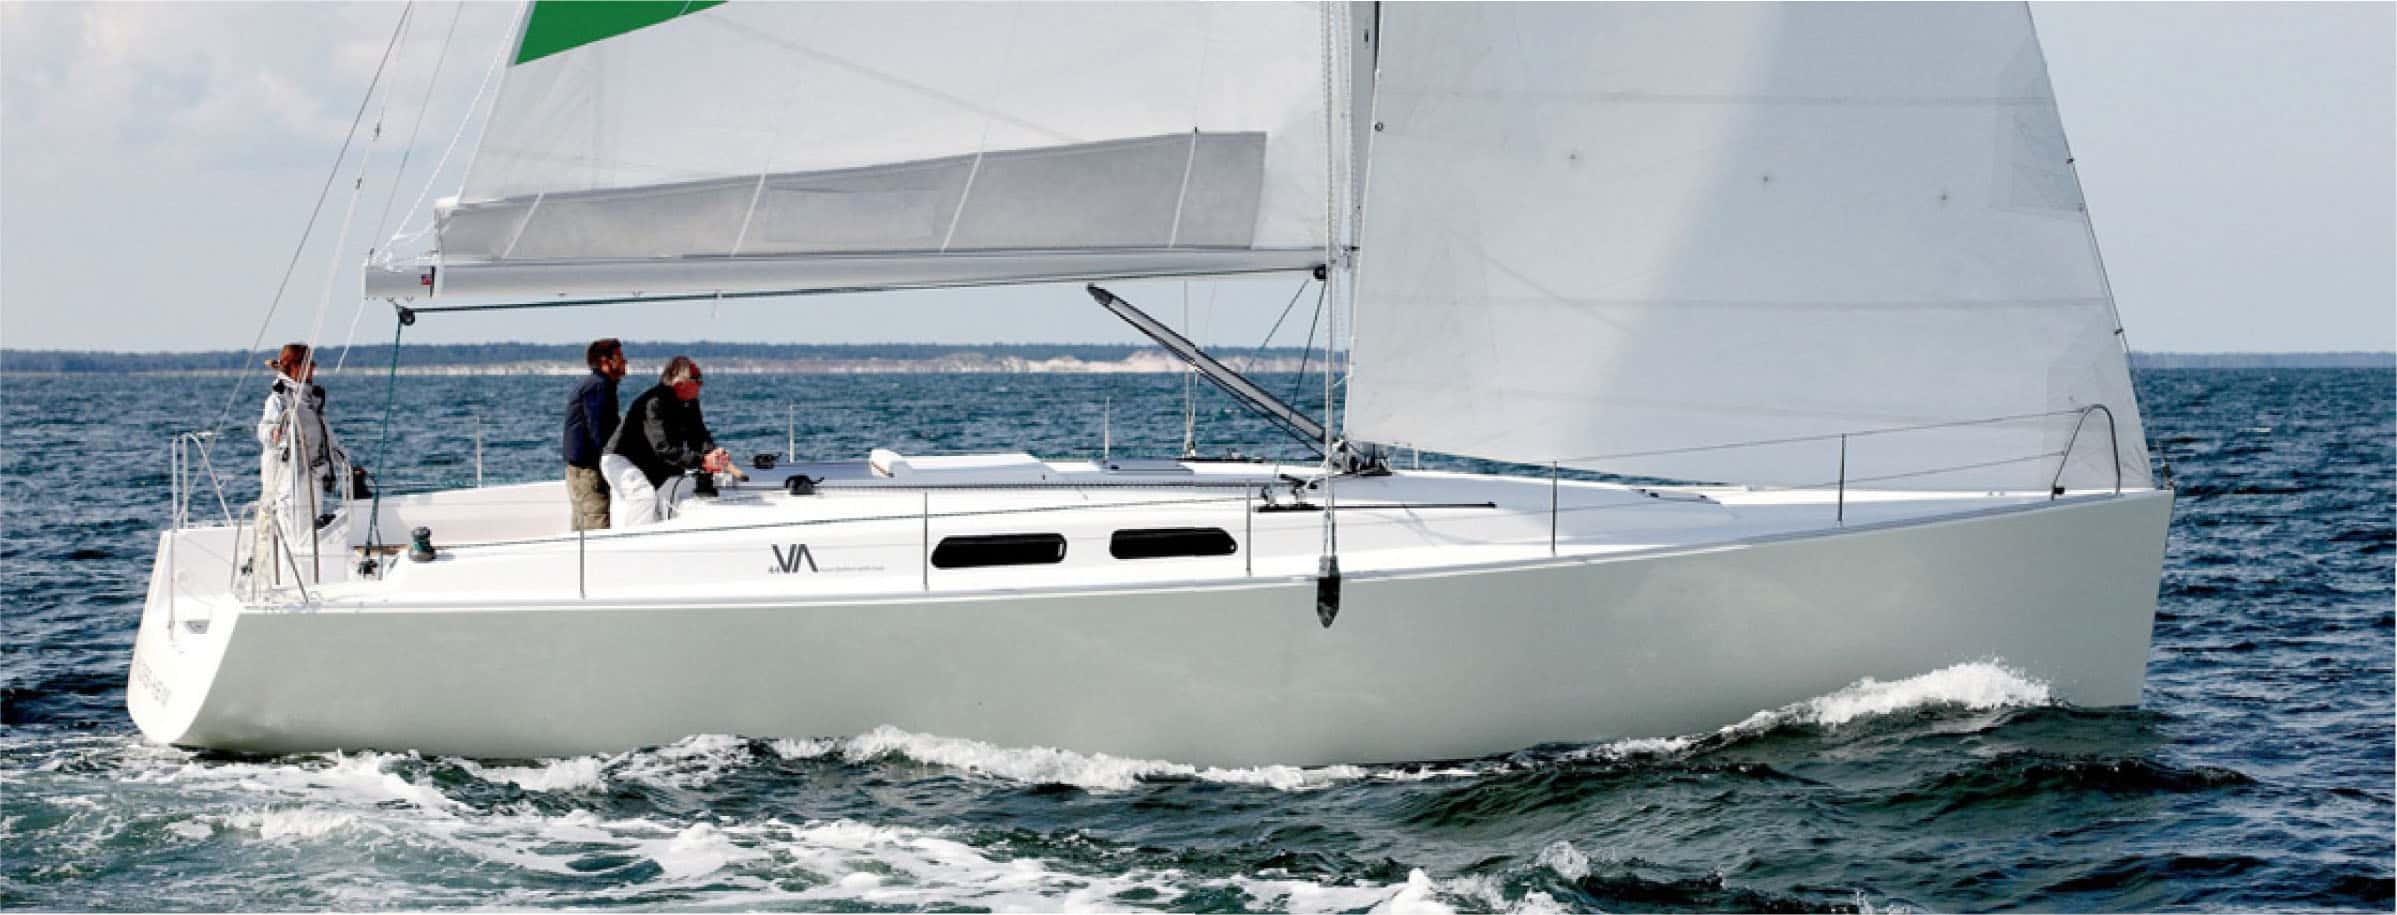 Varianta 44: la vela low cost con caratteristiche personalizzabili